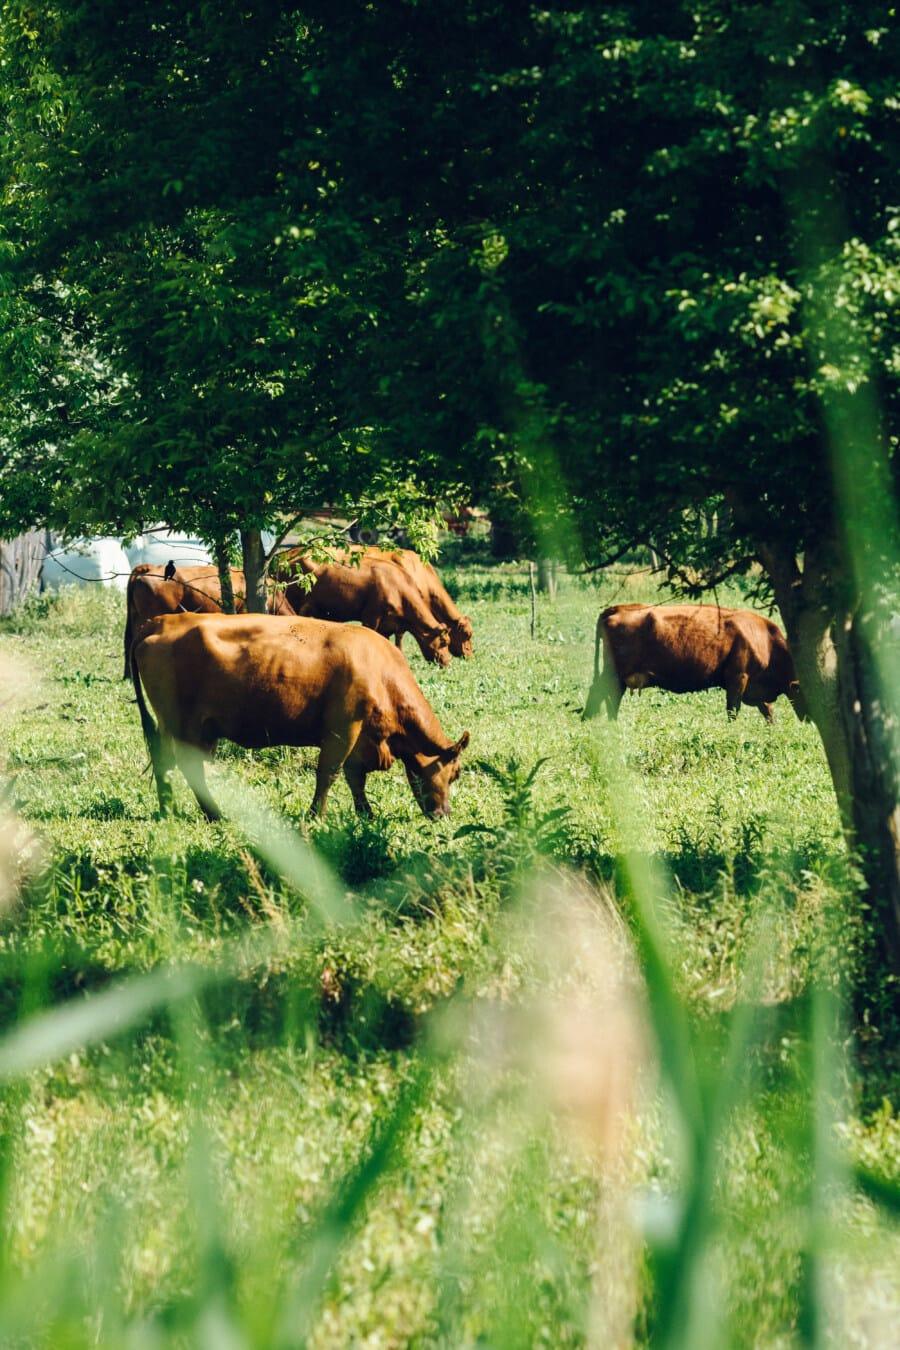 hellbraun, Kühe, Weiden, Gras, Feld, Pferde, Ranch, Bauernhof, des ländlichen Raums, Wiese